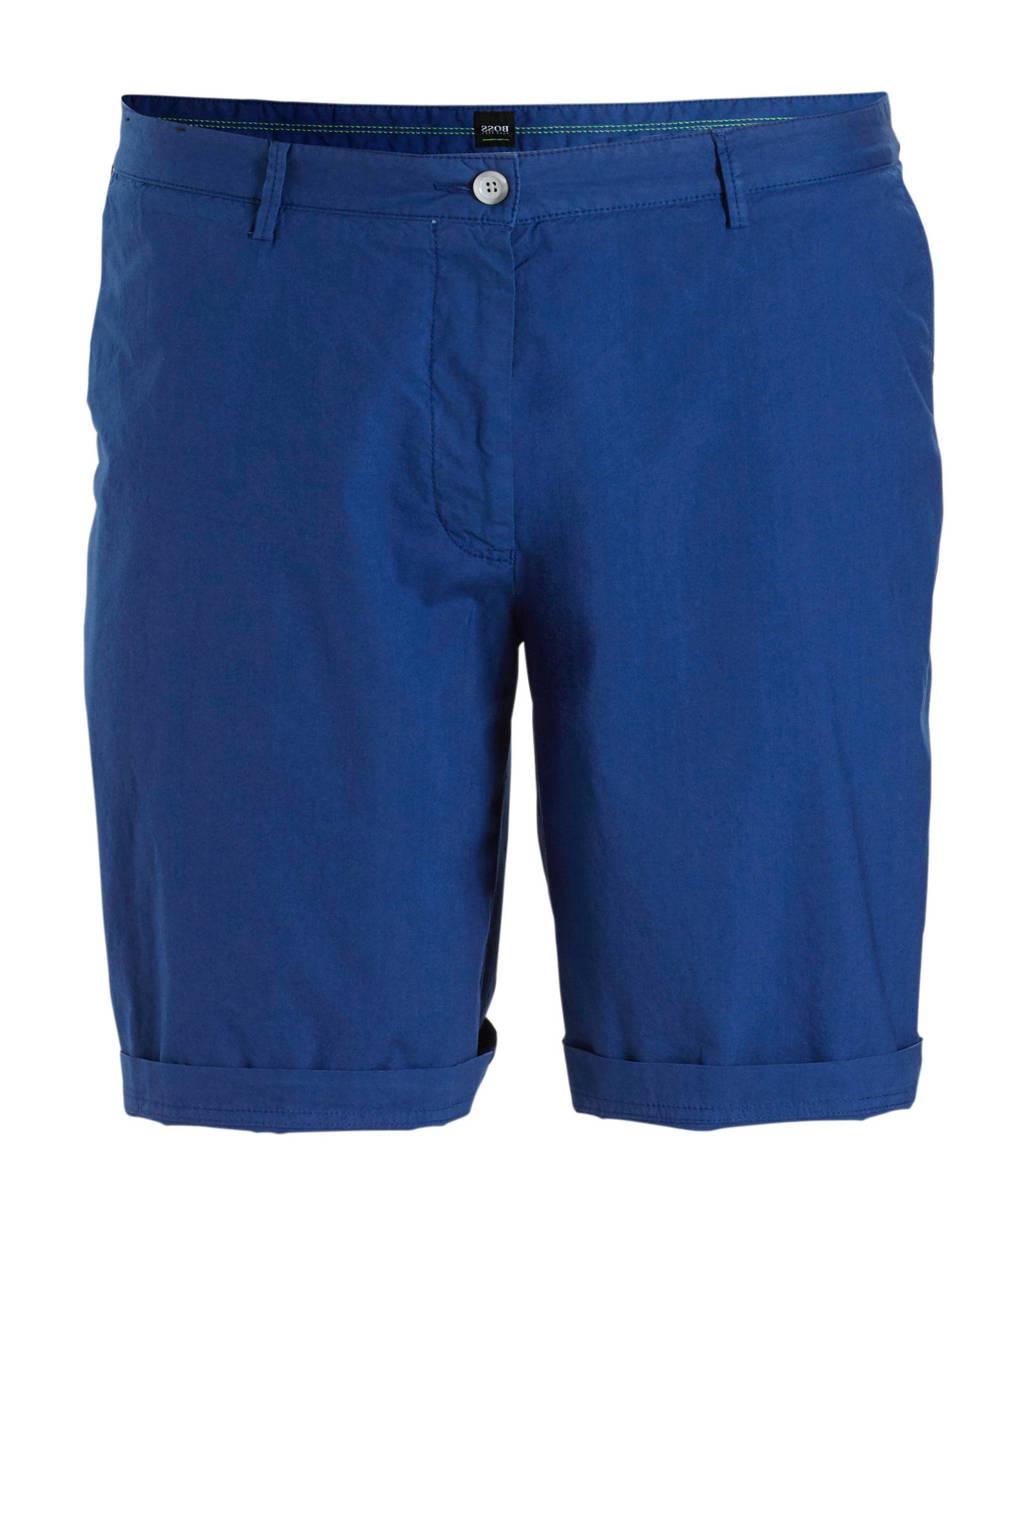 Boss Athleisure regular fit bermuda blauw, Blauw